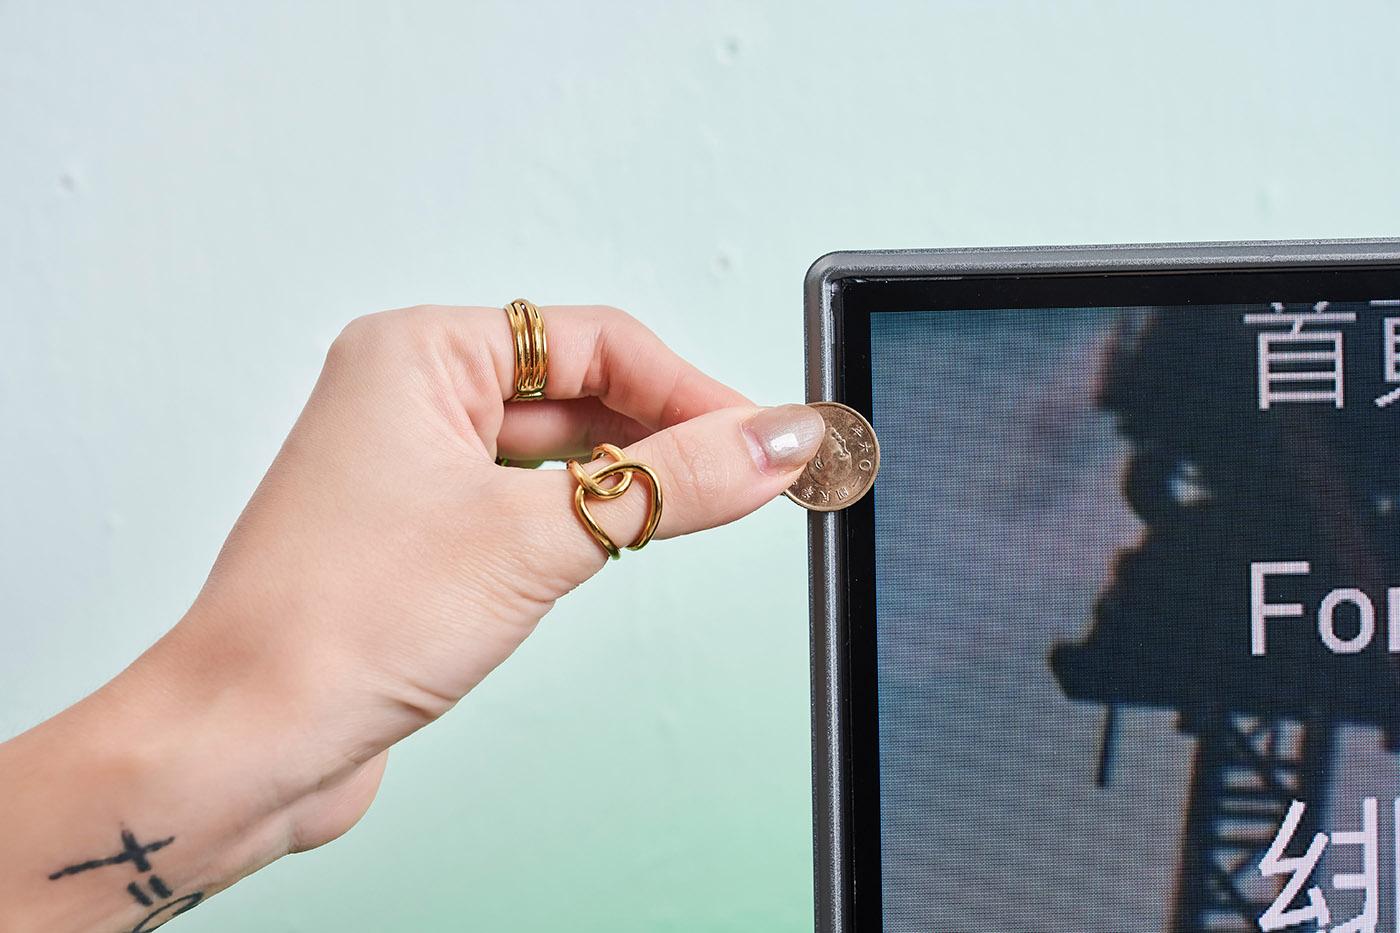 邊框到底有多窄?實際透過一元硬幣比對,相信就能深刻感受,這款55 吋大畫面的顯示器材,其極窄邊框的設計有多驚人。